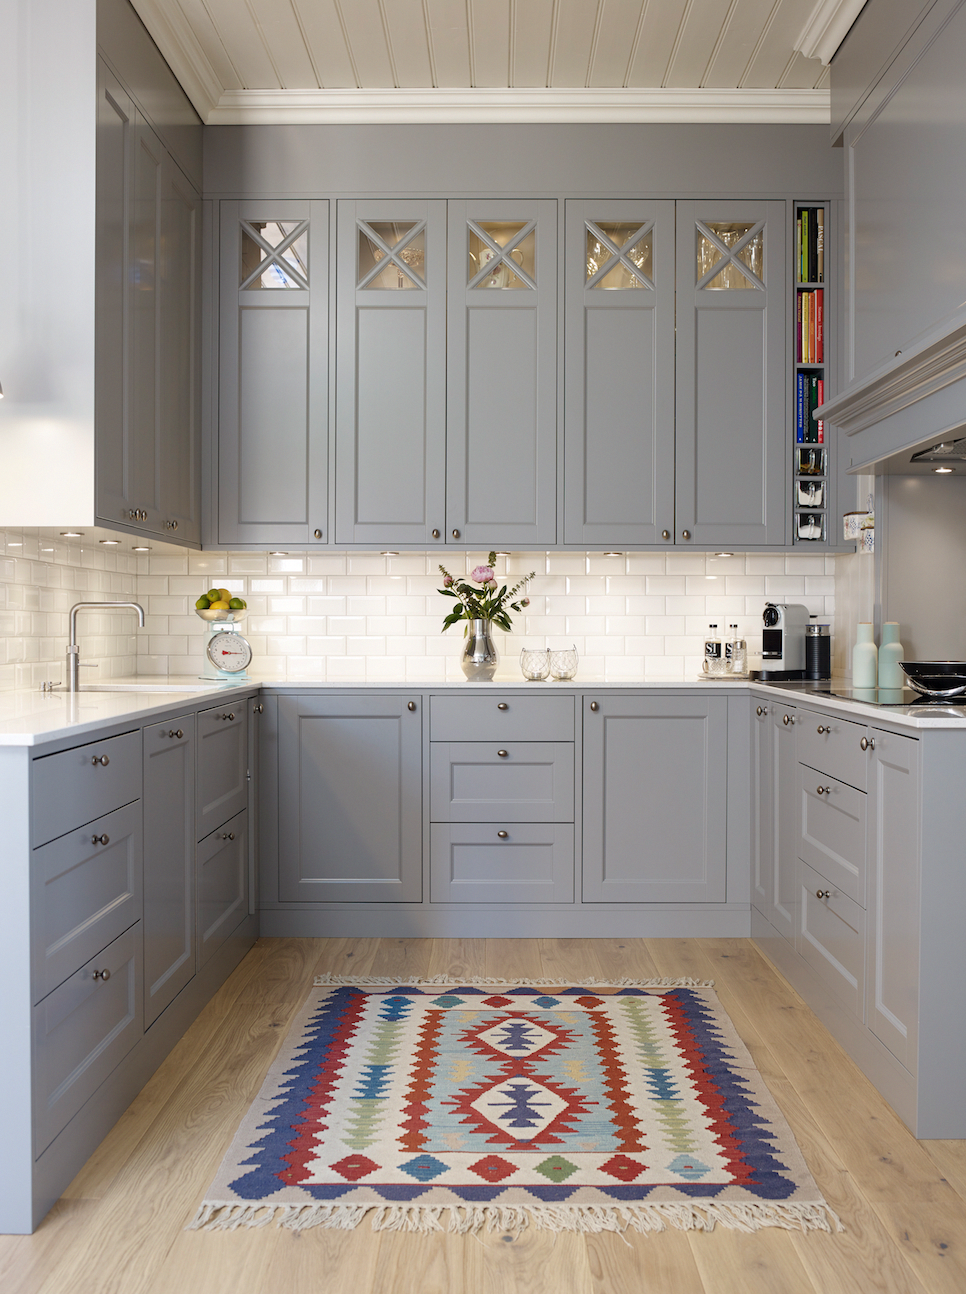 Cheap Furniture San Diego Furnitureclearanceoutlet Kitchen Cabinet Plans Kitchen Design Small Popular Kitchen Designs